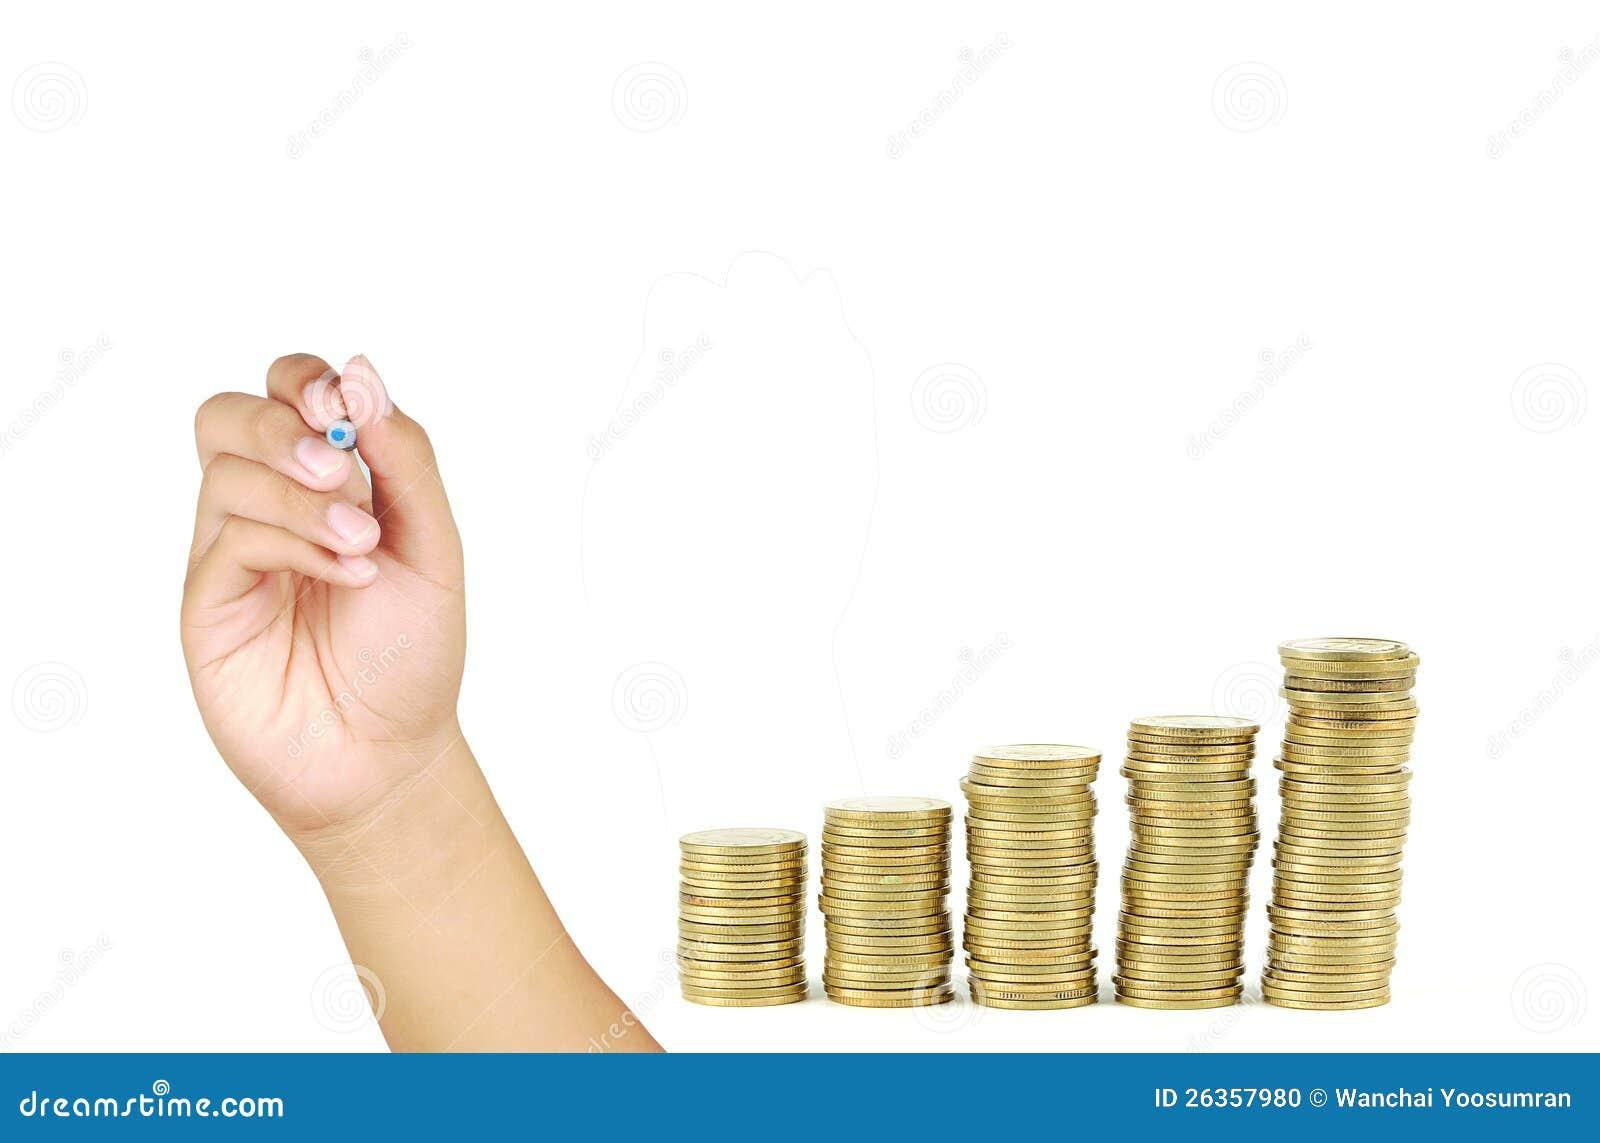 Wachstumkonzept mit Goldmünzen